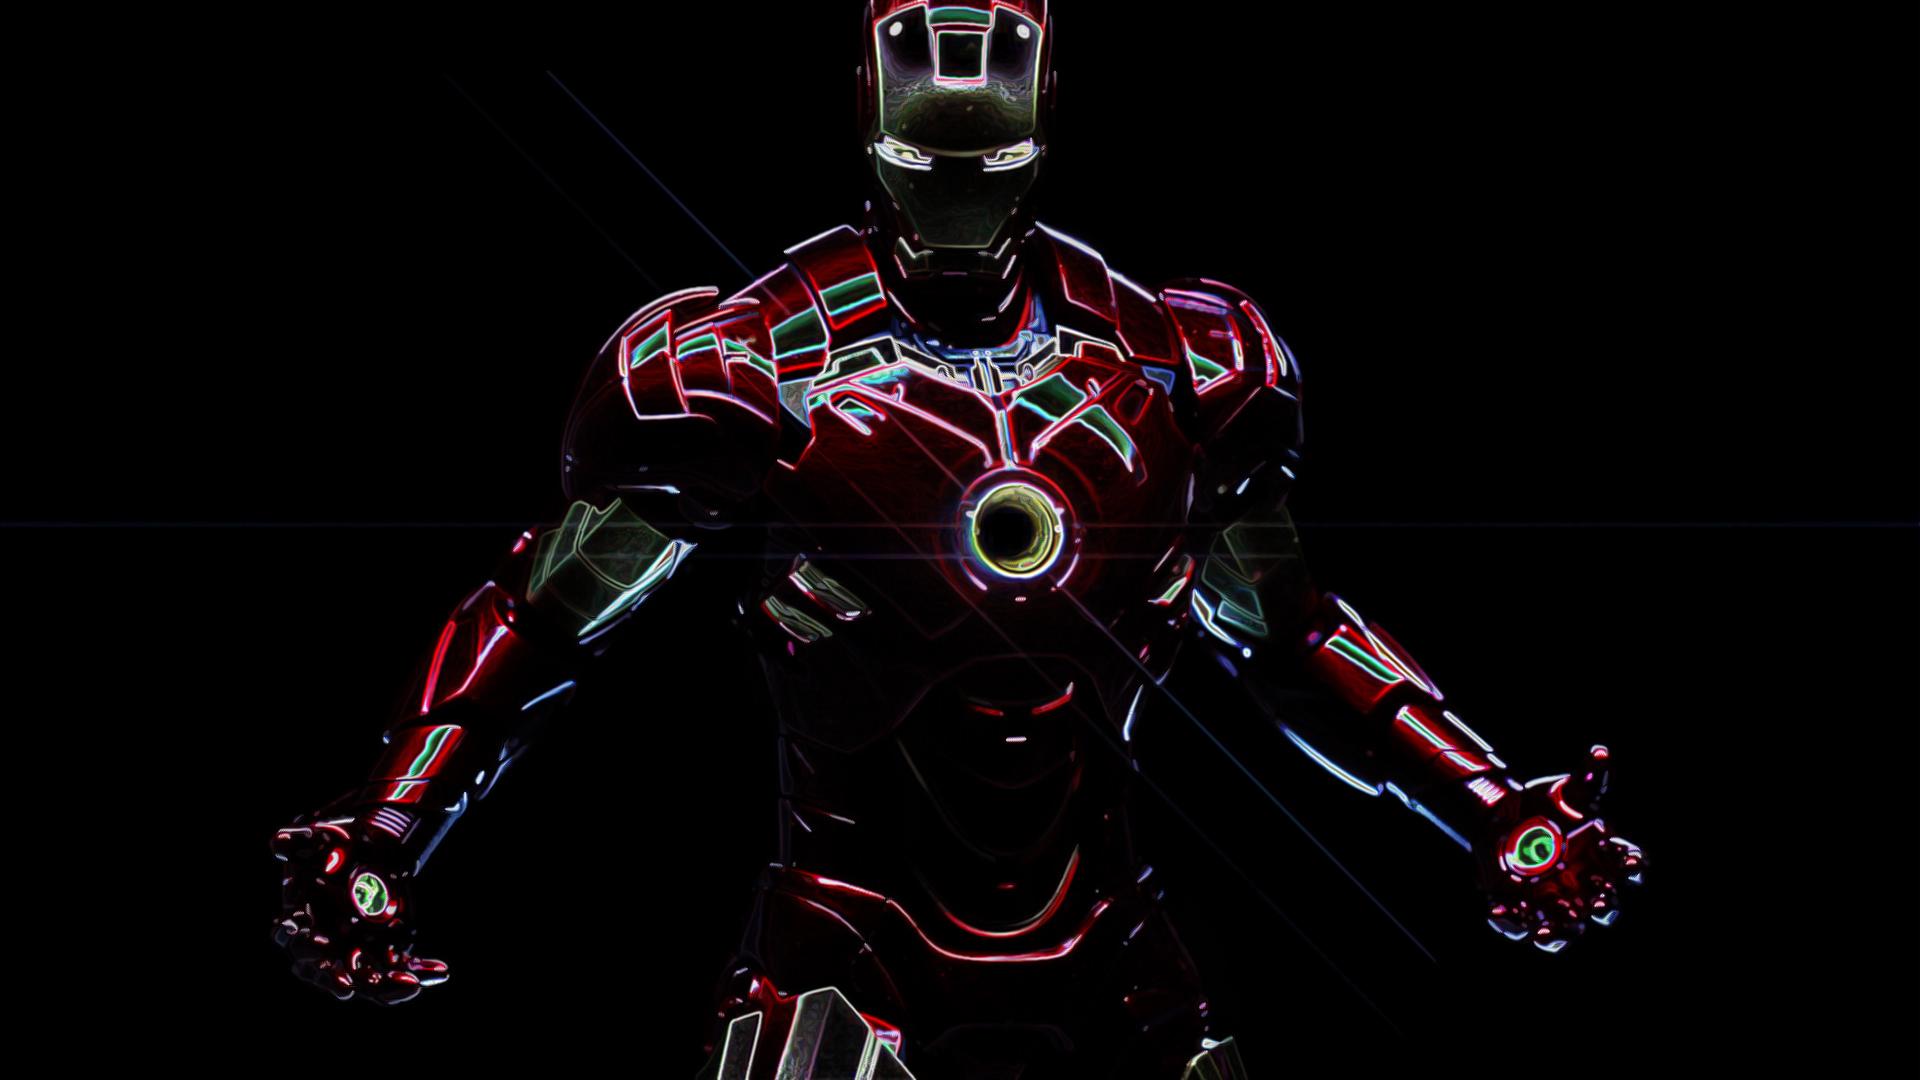 Wallpaper iron man hd gratuit t l charger sur ngn mag - Iron man 2 telecharger gratuit ...